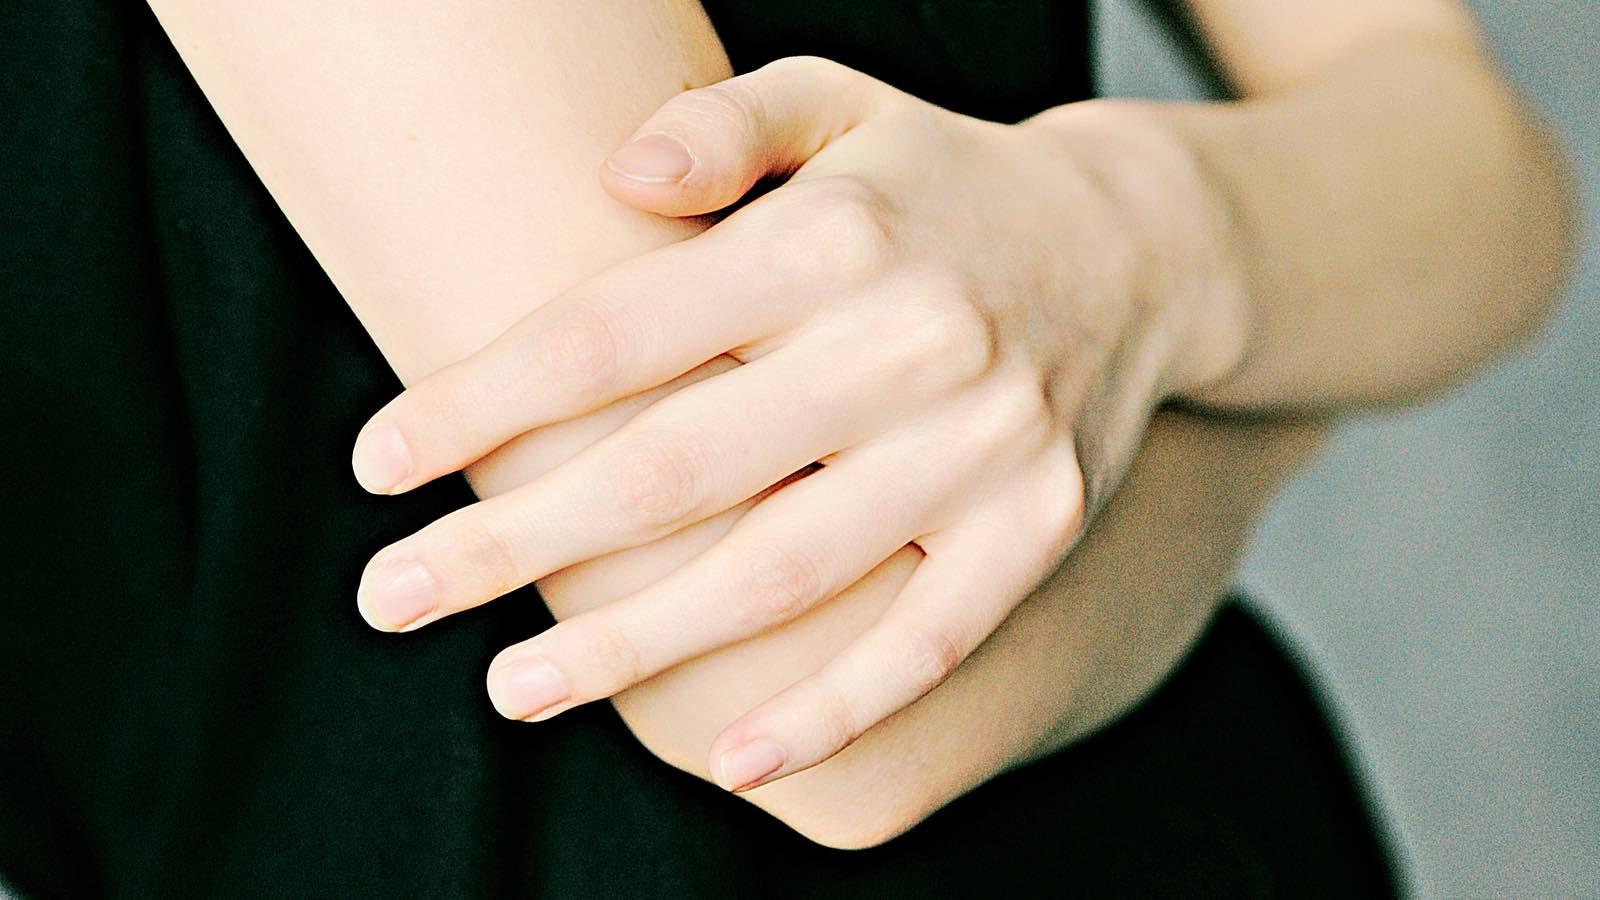 Blaue Flecken am Arm- Wieso entstehen sie und was hilft dagegen?